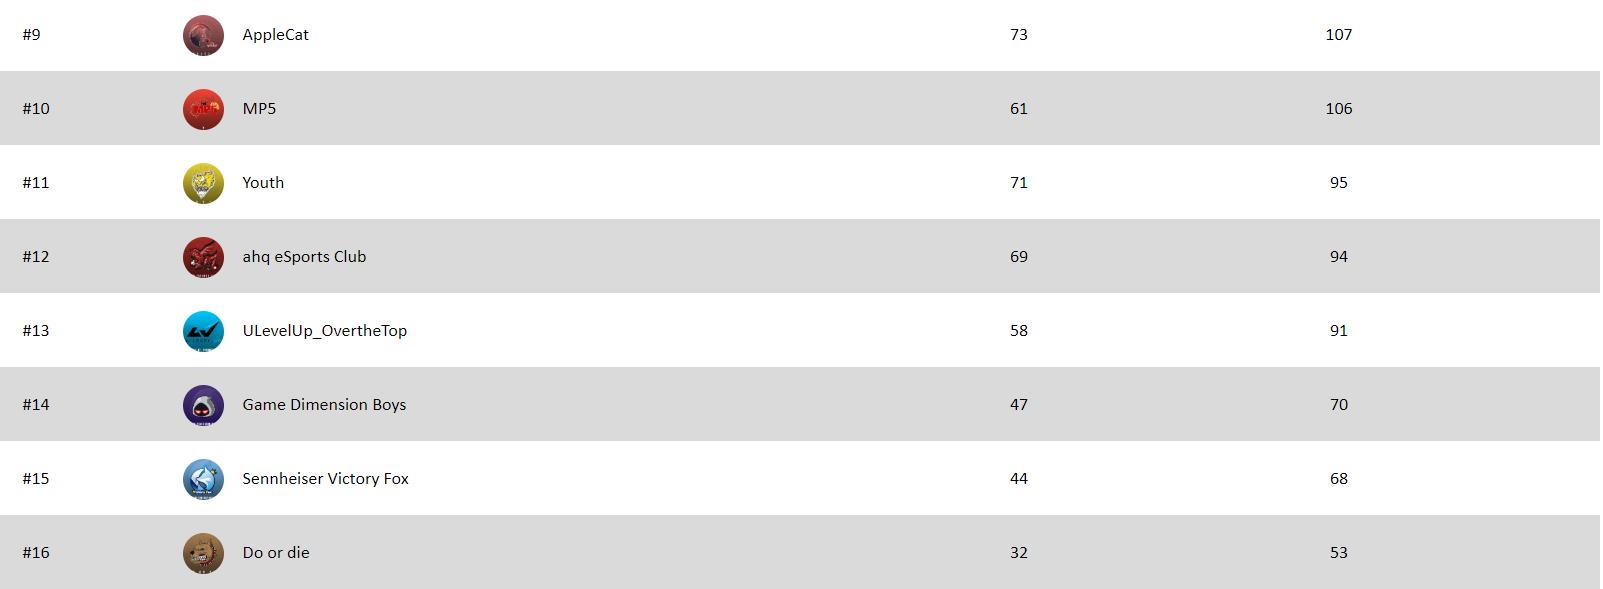 PML第二周首日:GEX反超追至榜首 ahq仍在中段徘徊